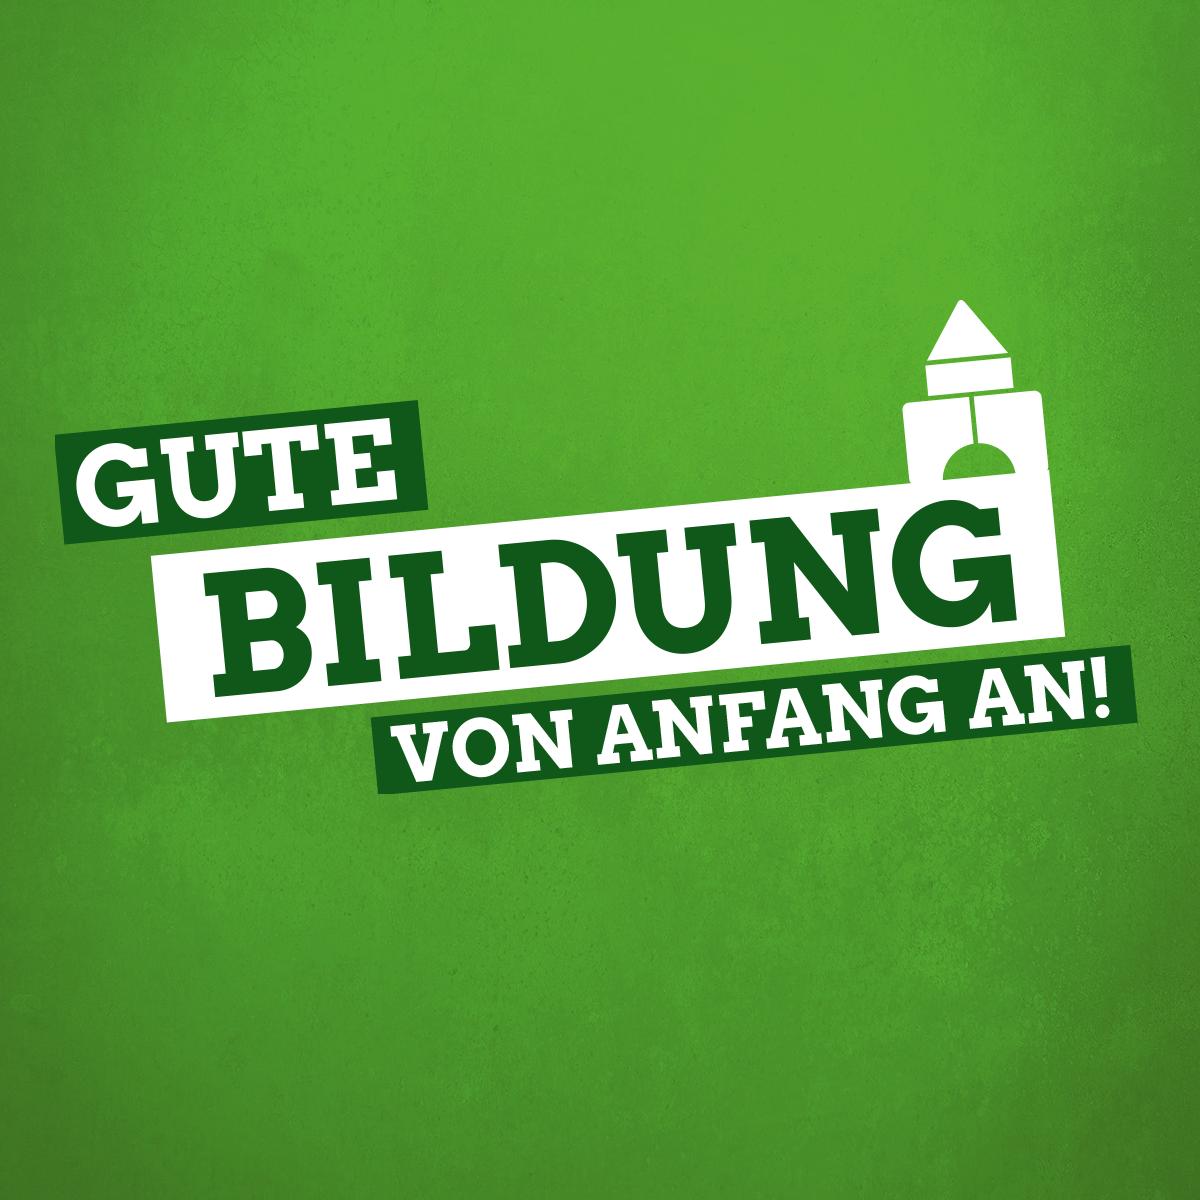 Gute Bildung in Niedersachsen von Anfang an